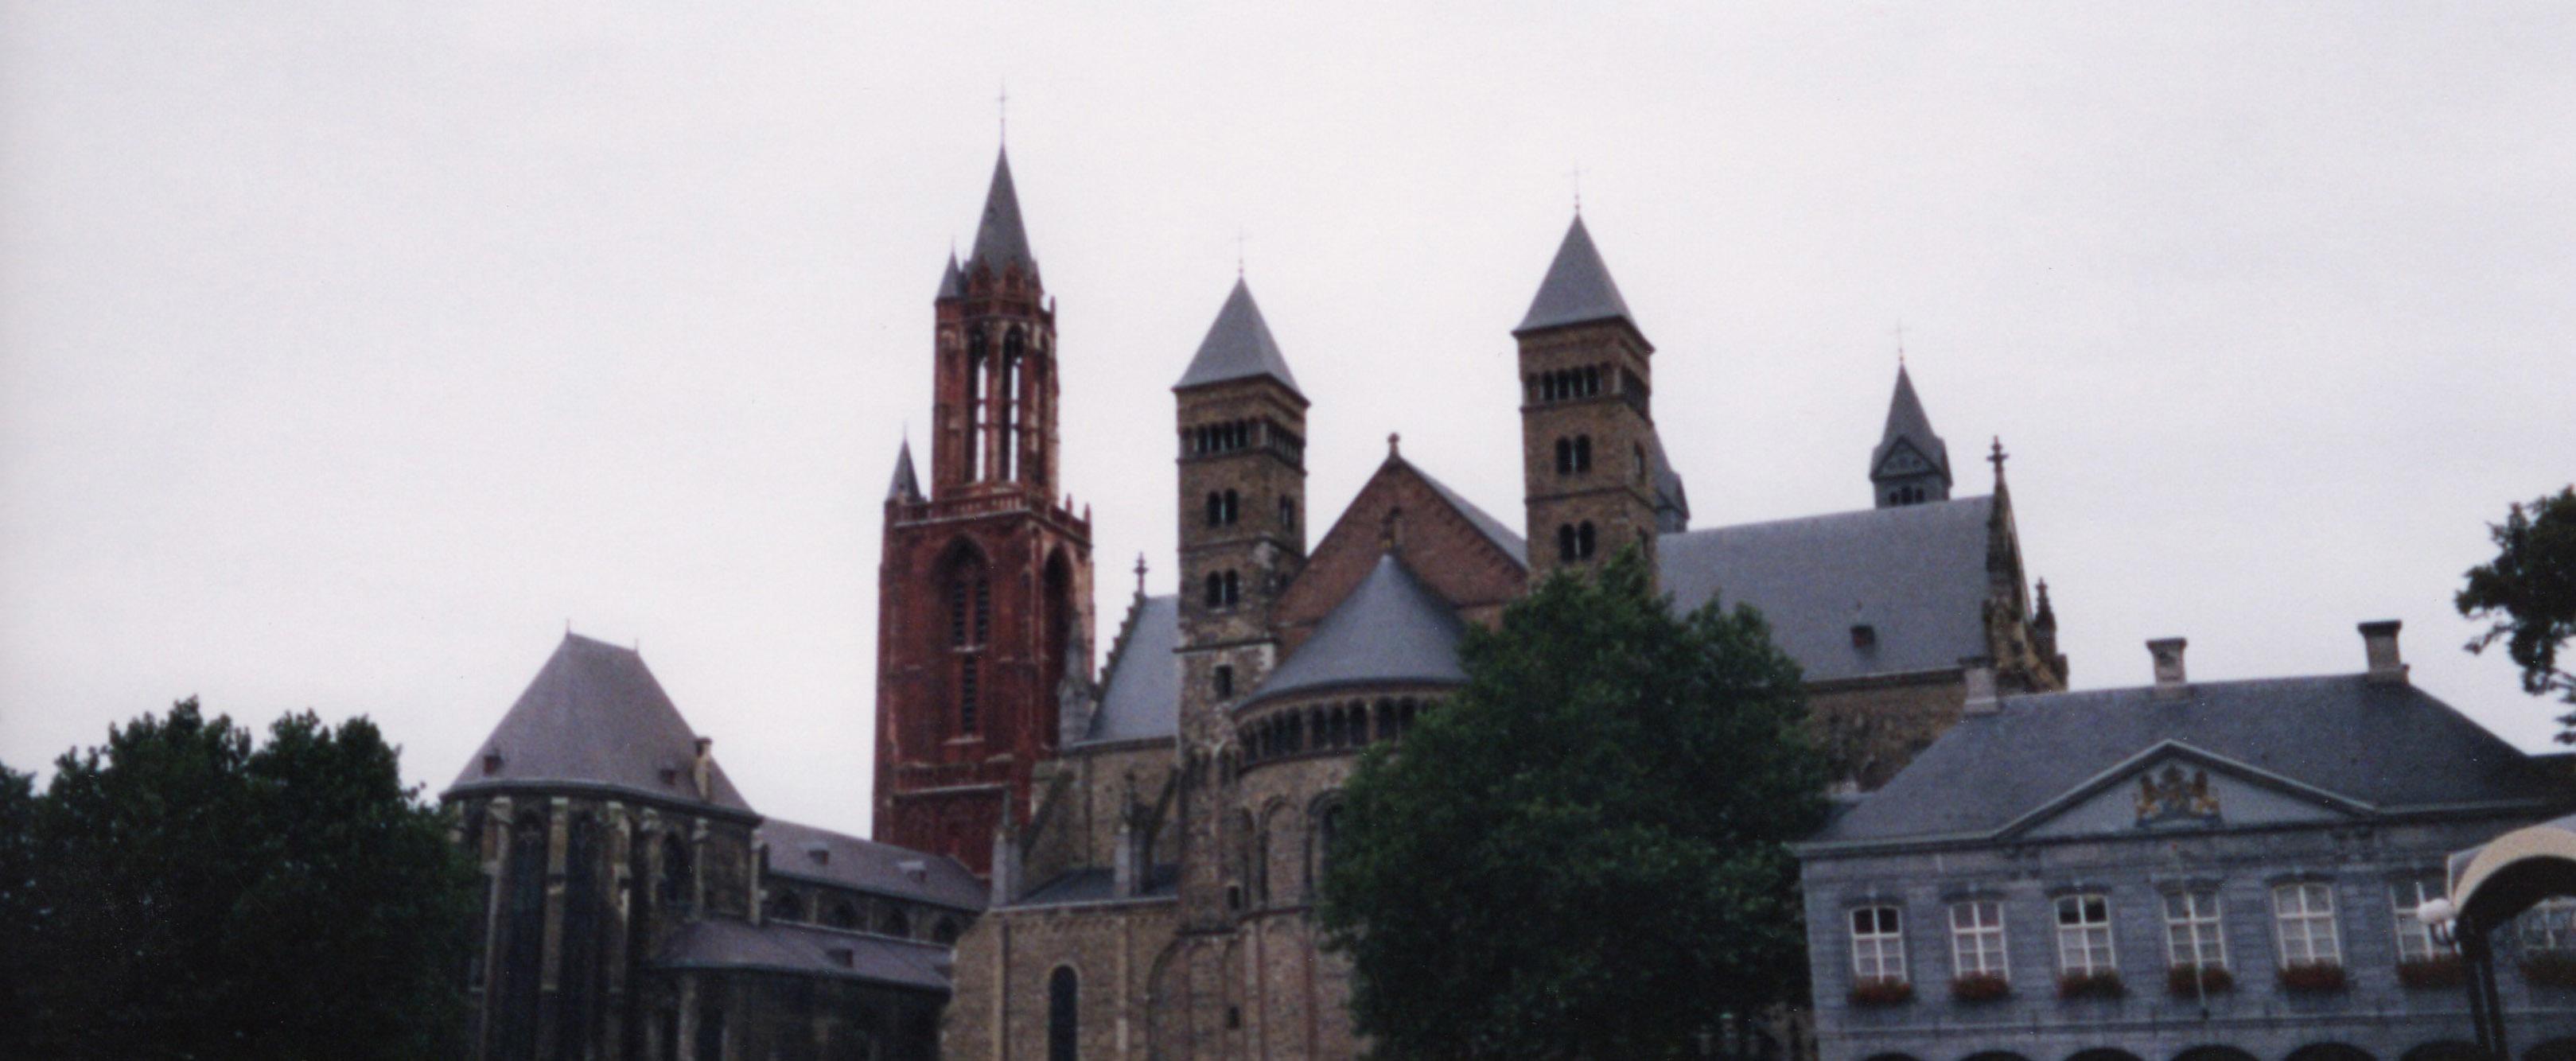 オランダ最古の町、マーストリヒト_d0193569_07572802.jpg